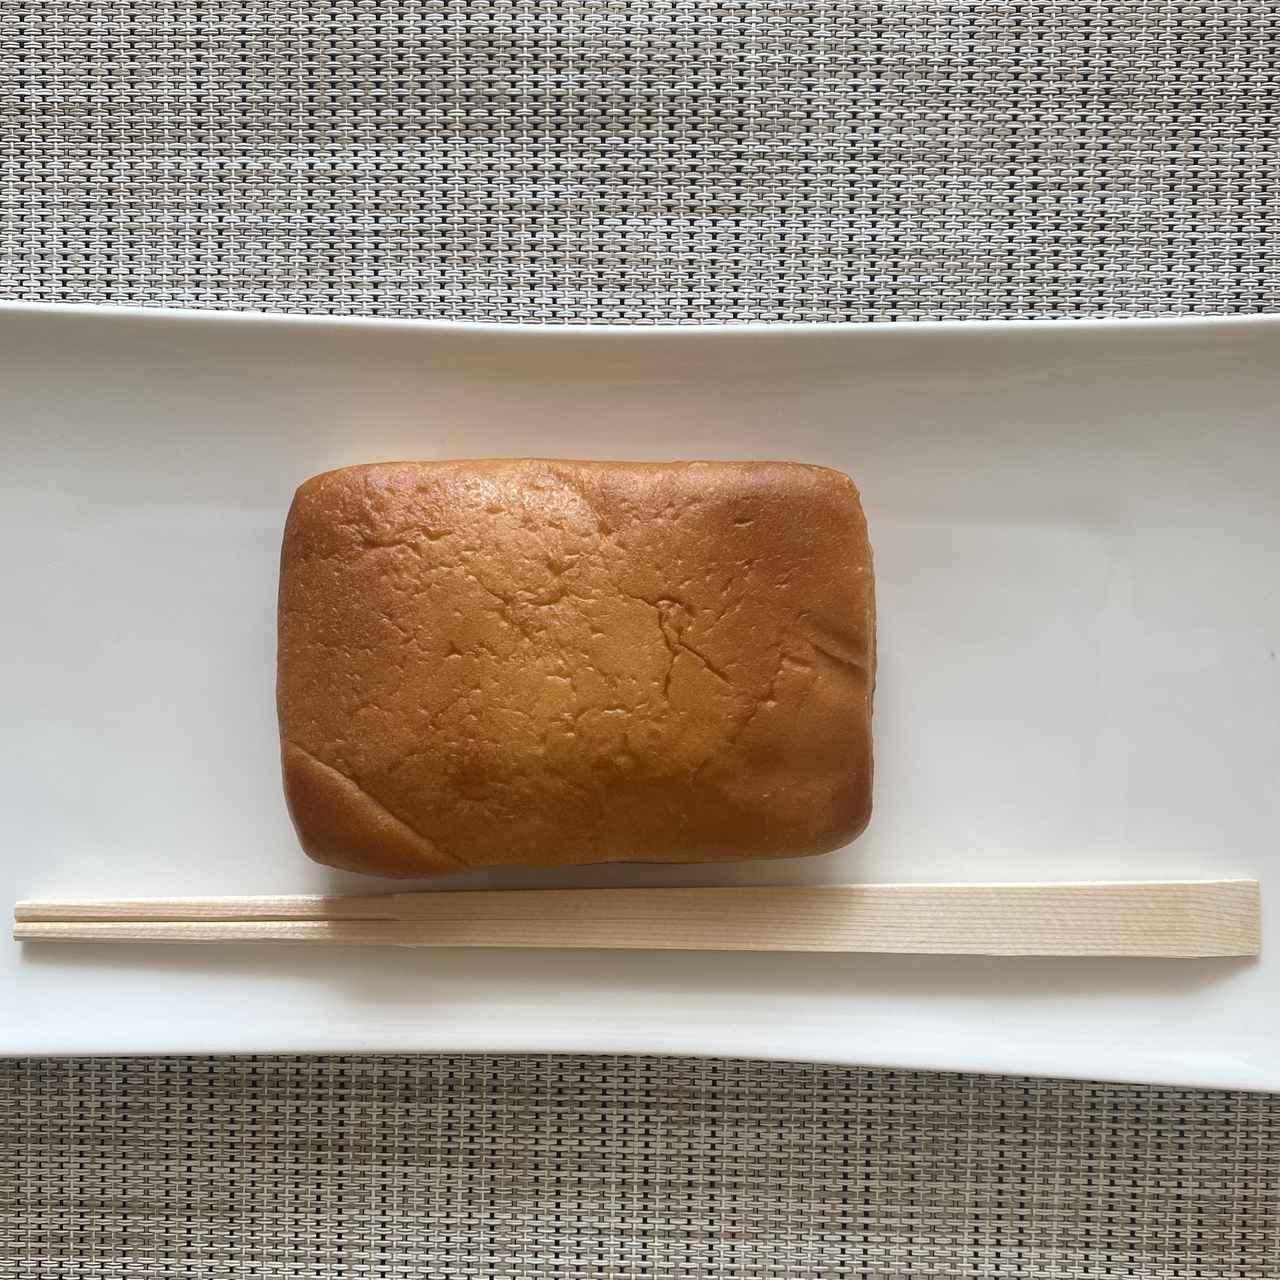 画像: 割り箸とサイズ比較